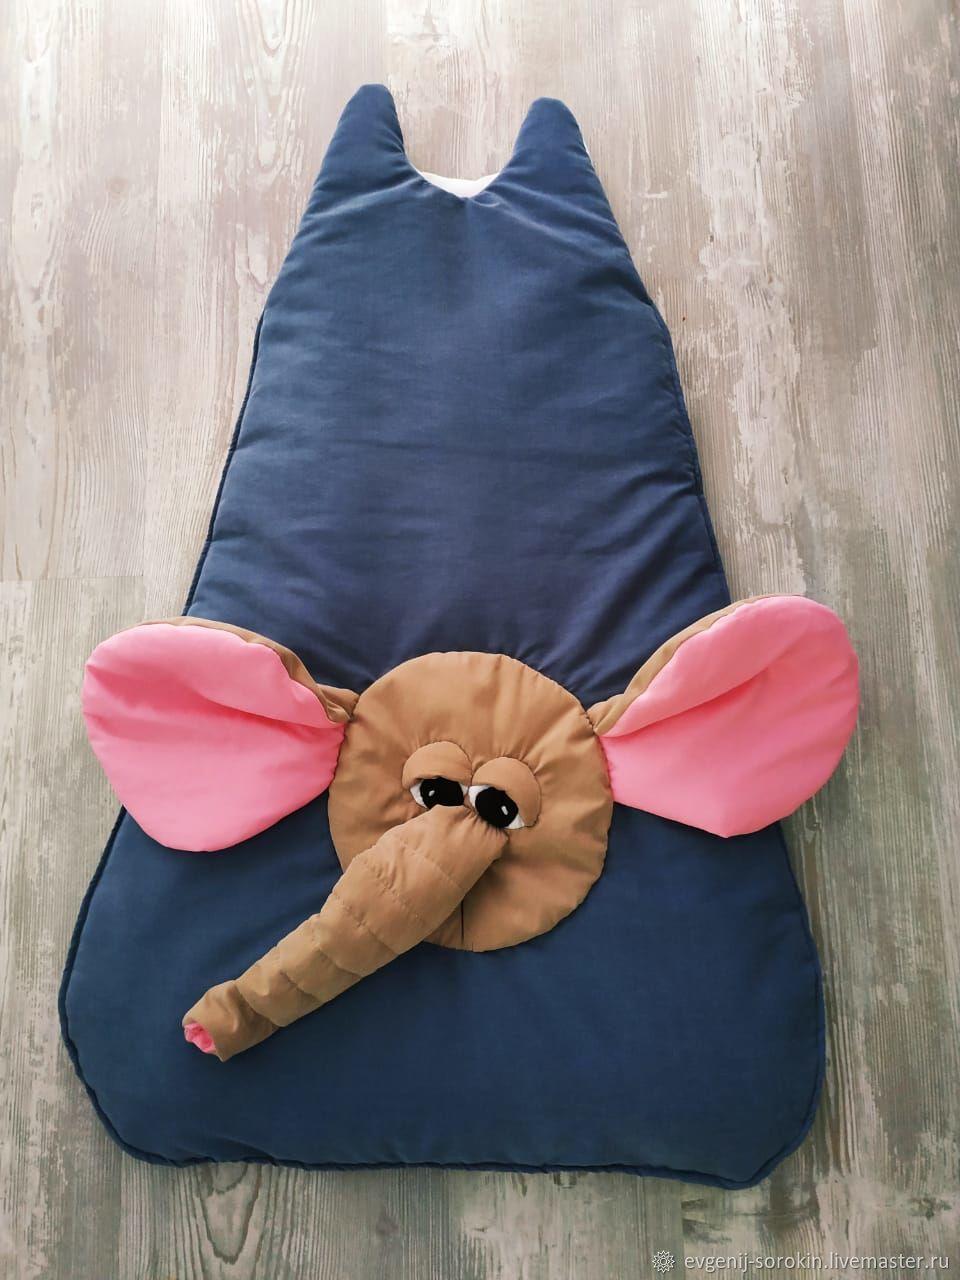 ручной работы. Ярмарка Мастеров - ручная работа. Купить Спальный мешок для ребенка. Handmade. Для новорожденных, одеяло детское